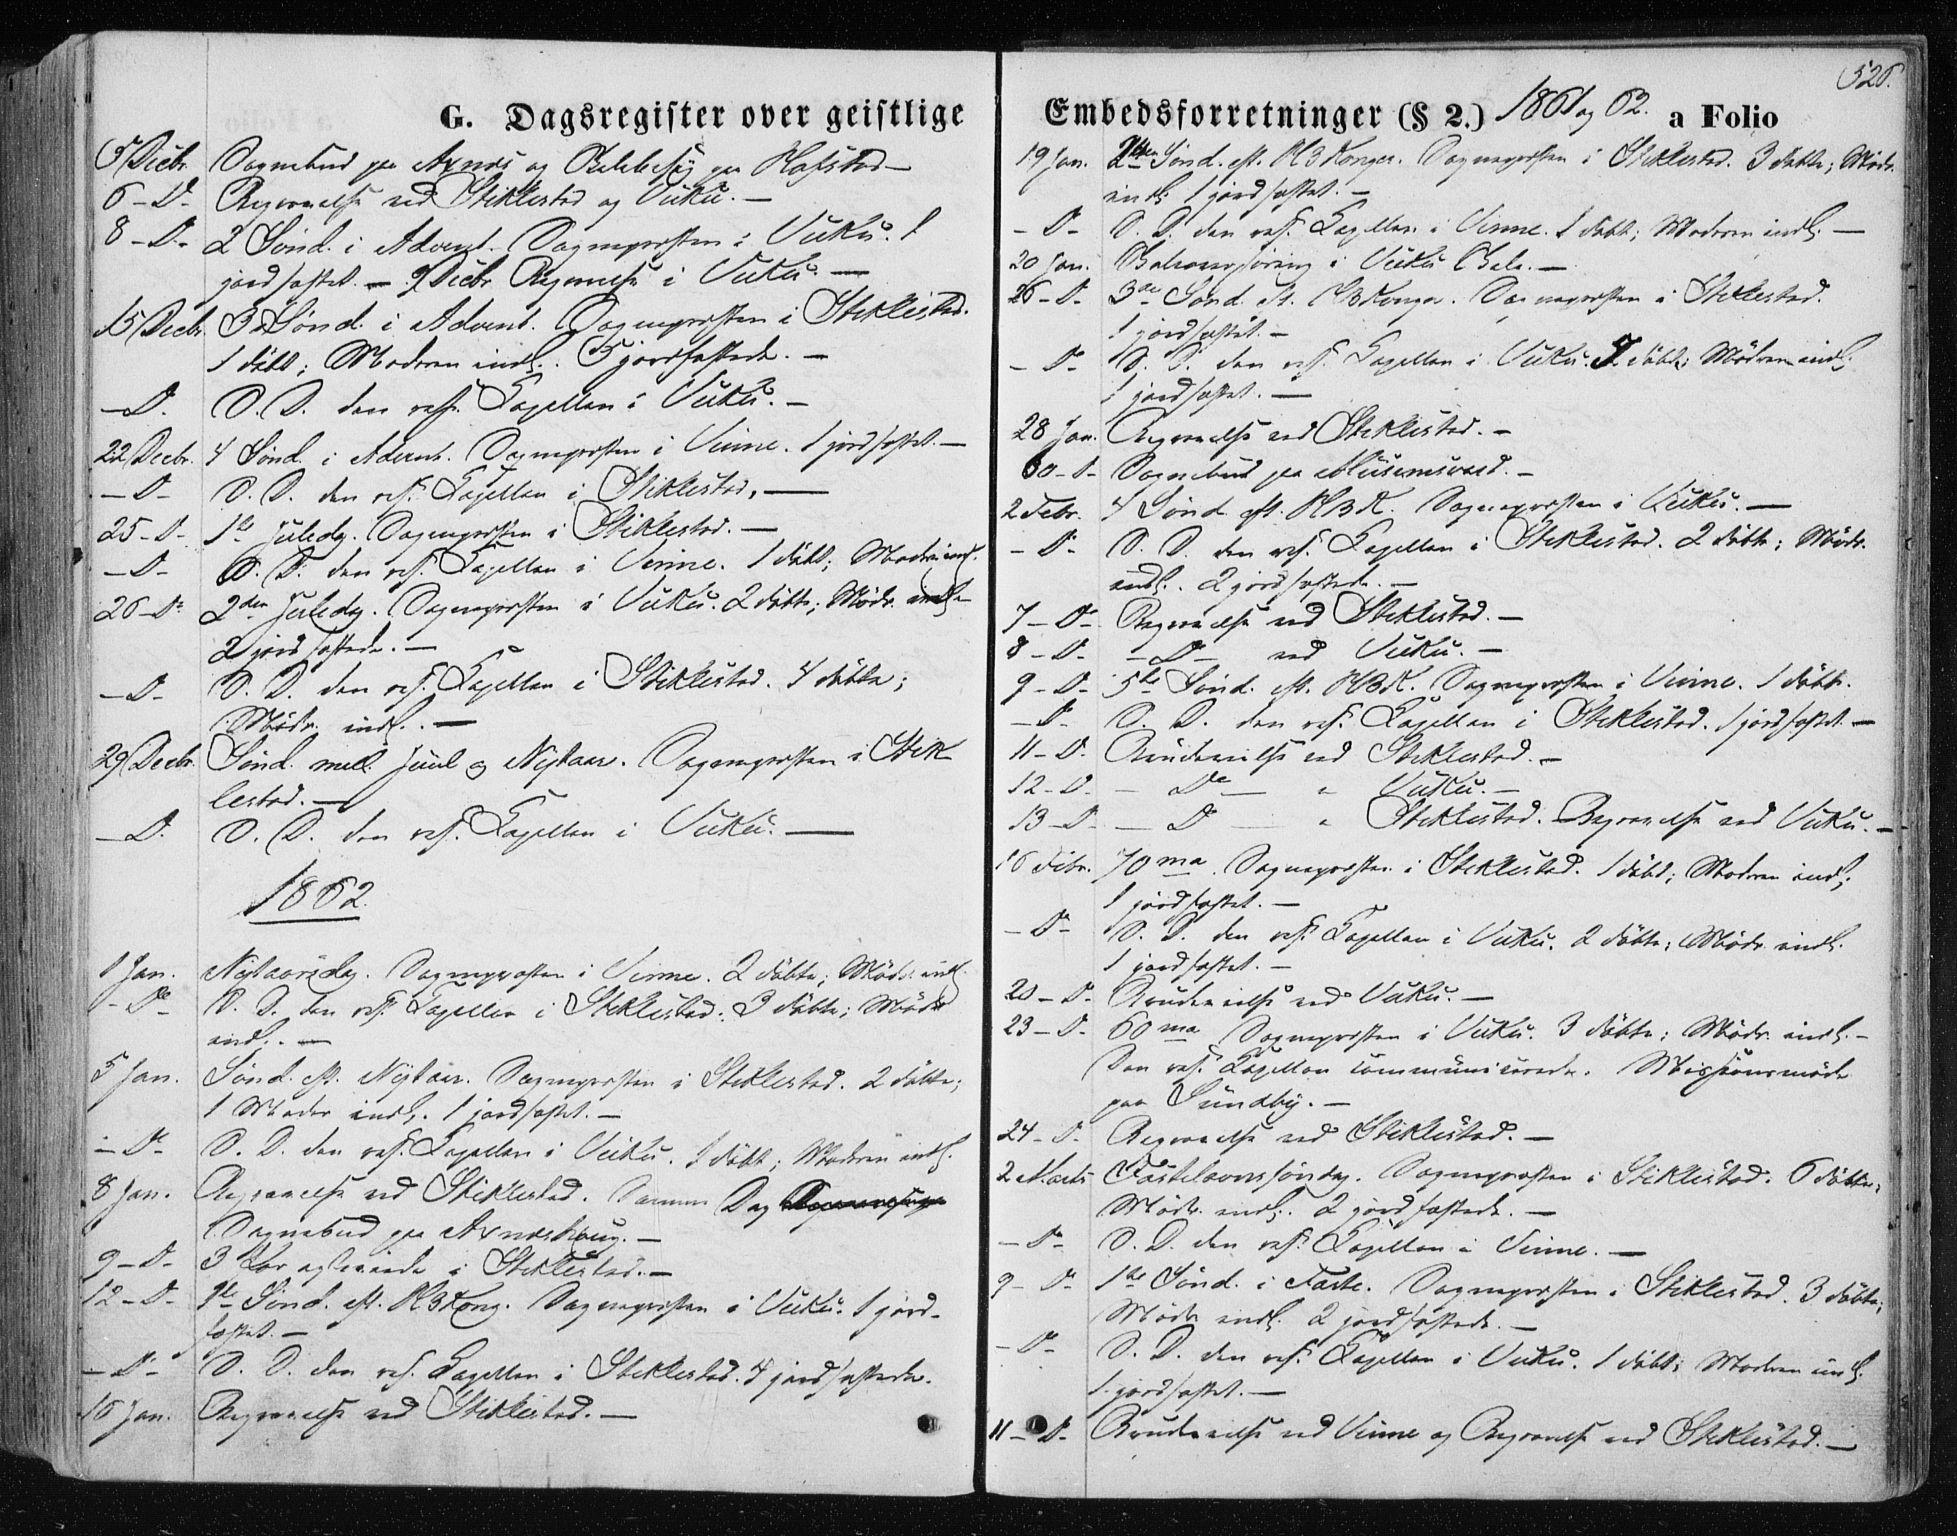 SAT, Ministerialprotokoller, klokkerbøker og fødselsregistre - Nord-Trøndelag, 723/L0241: Ministerialbok nr. 723A10, 1860-1869, s. 526